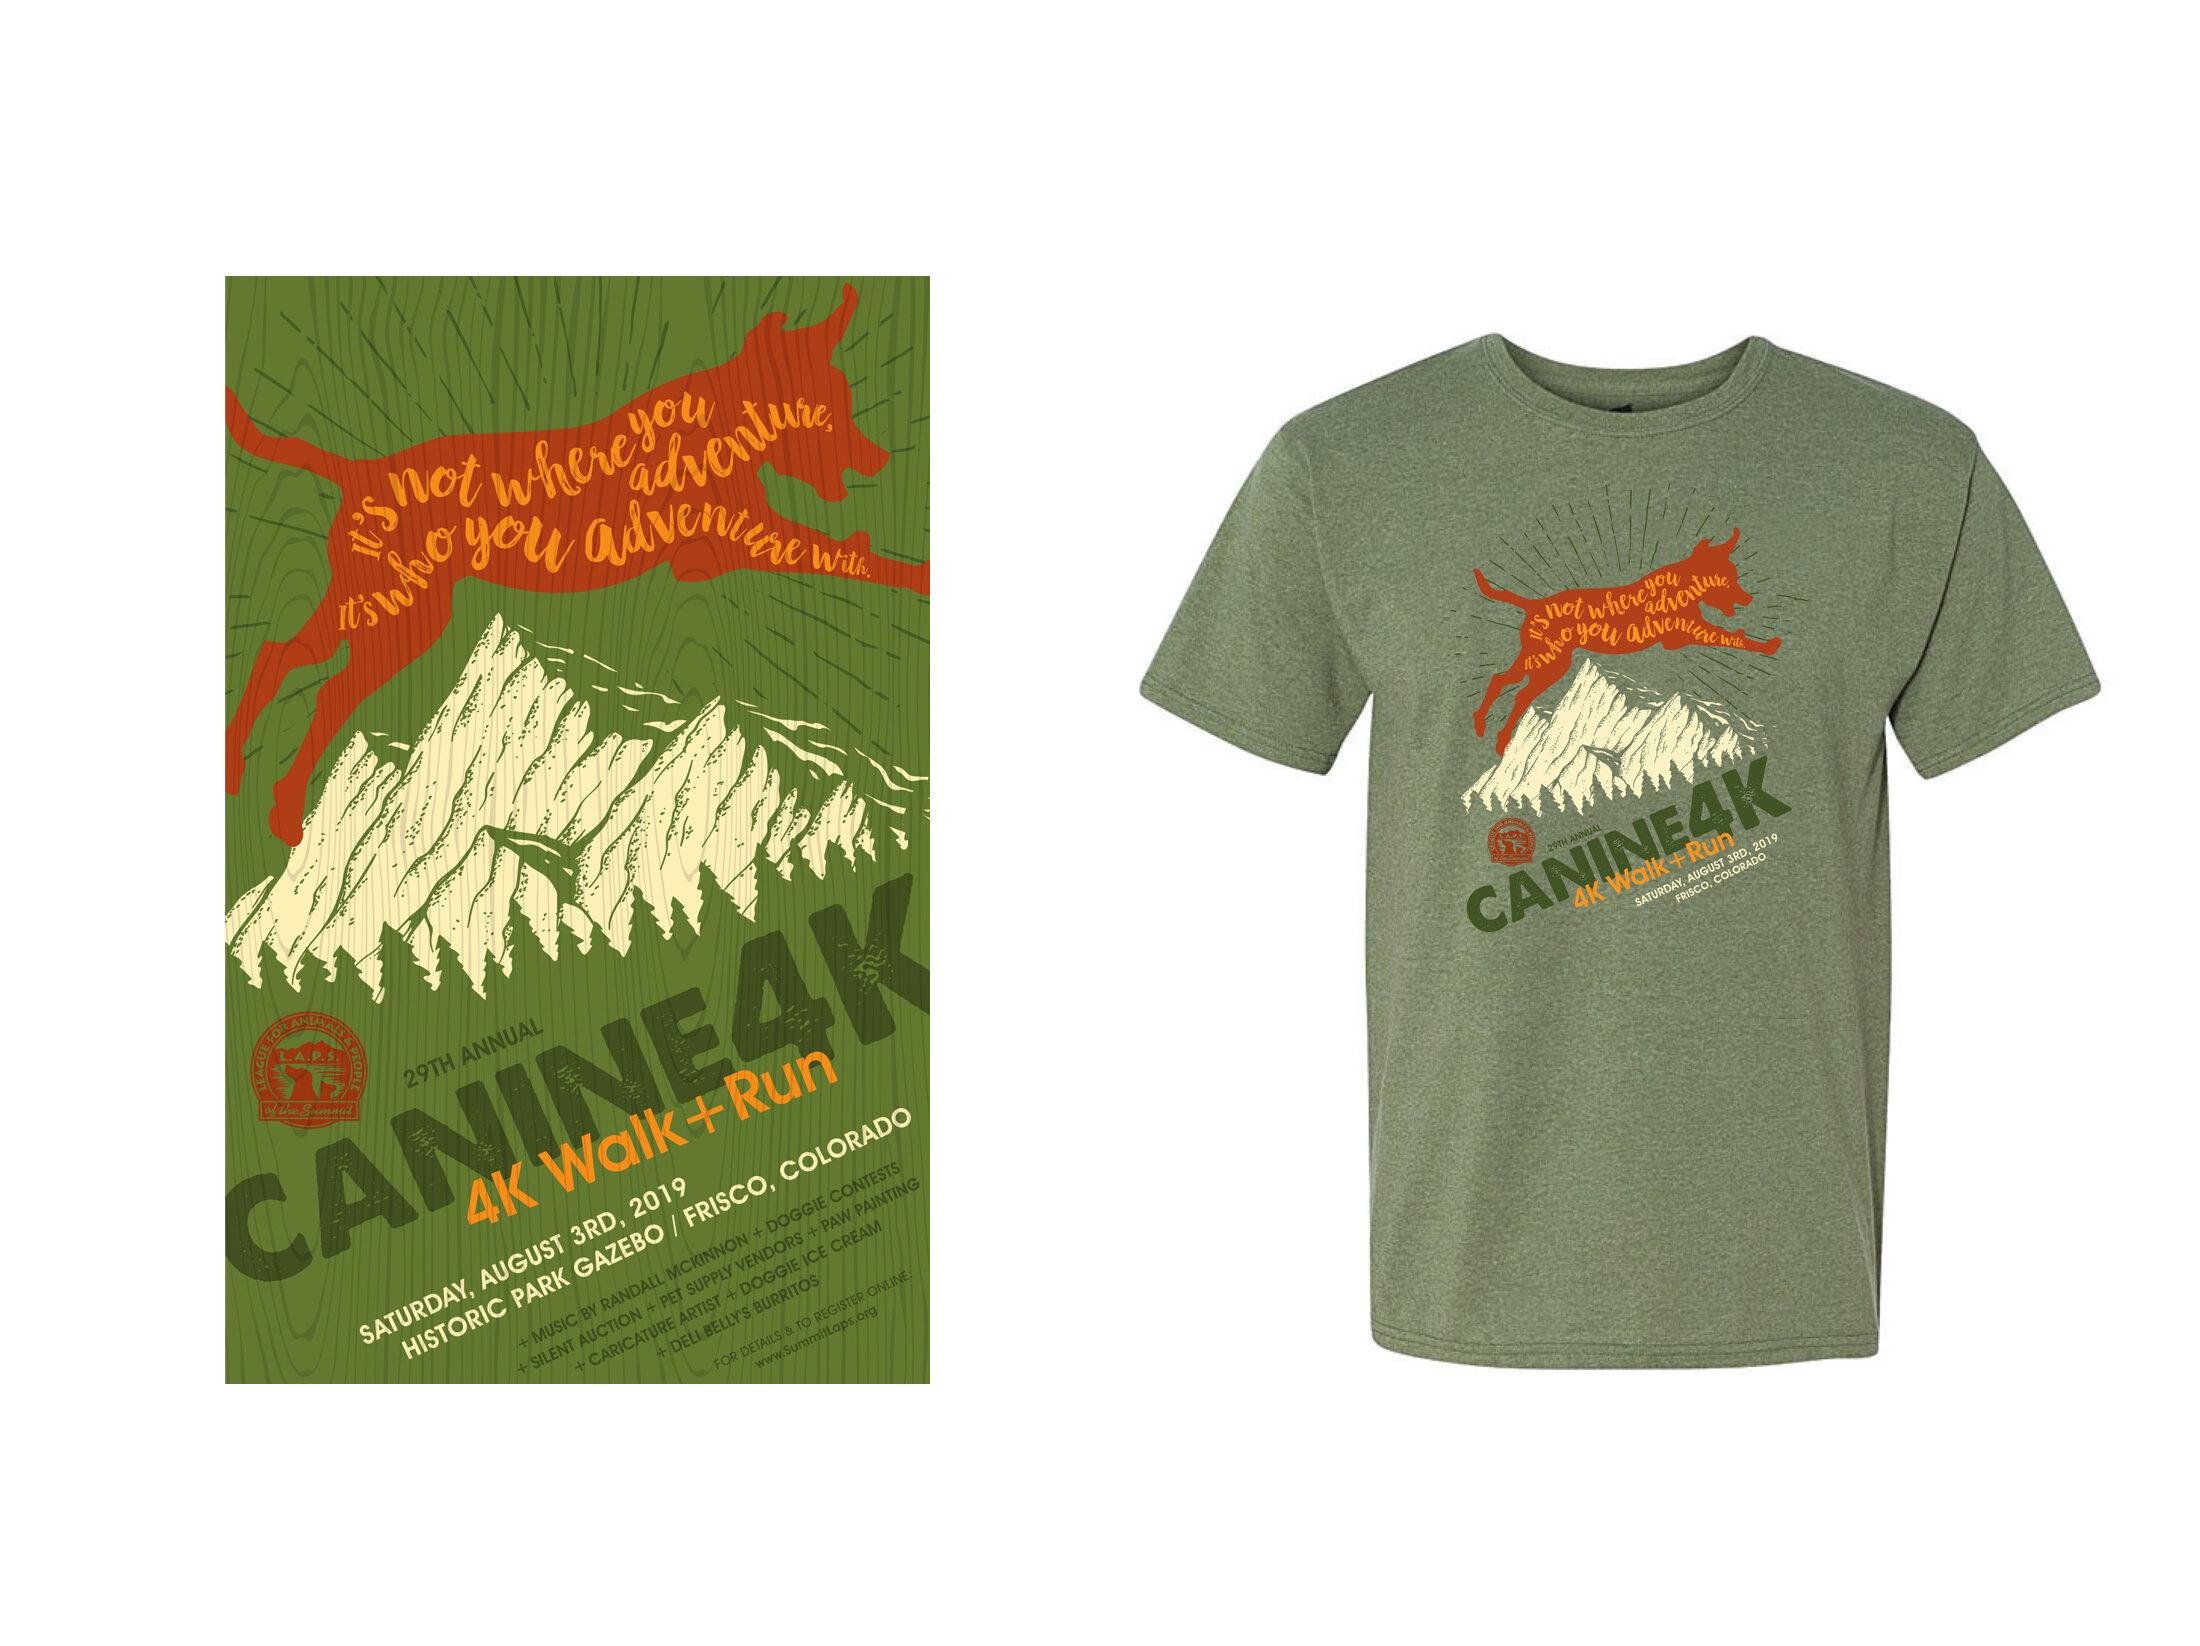 K94K_Poster+Shirt.jpg